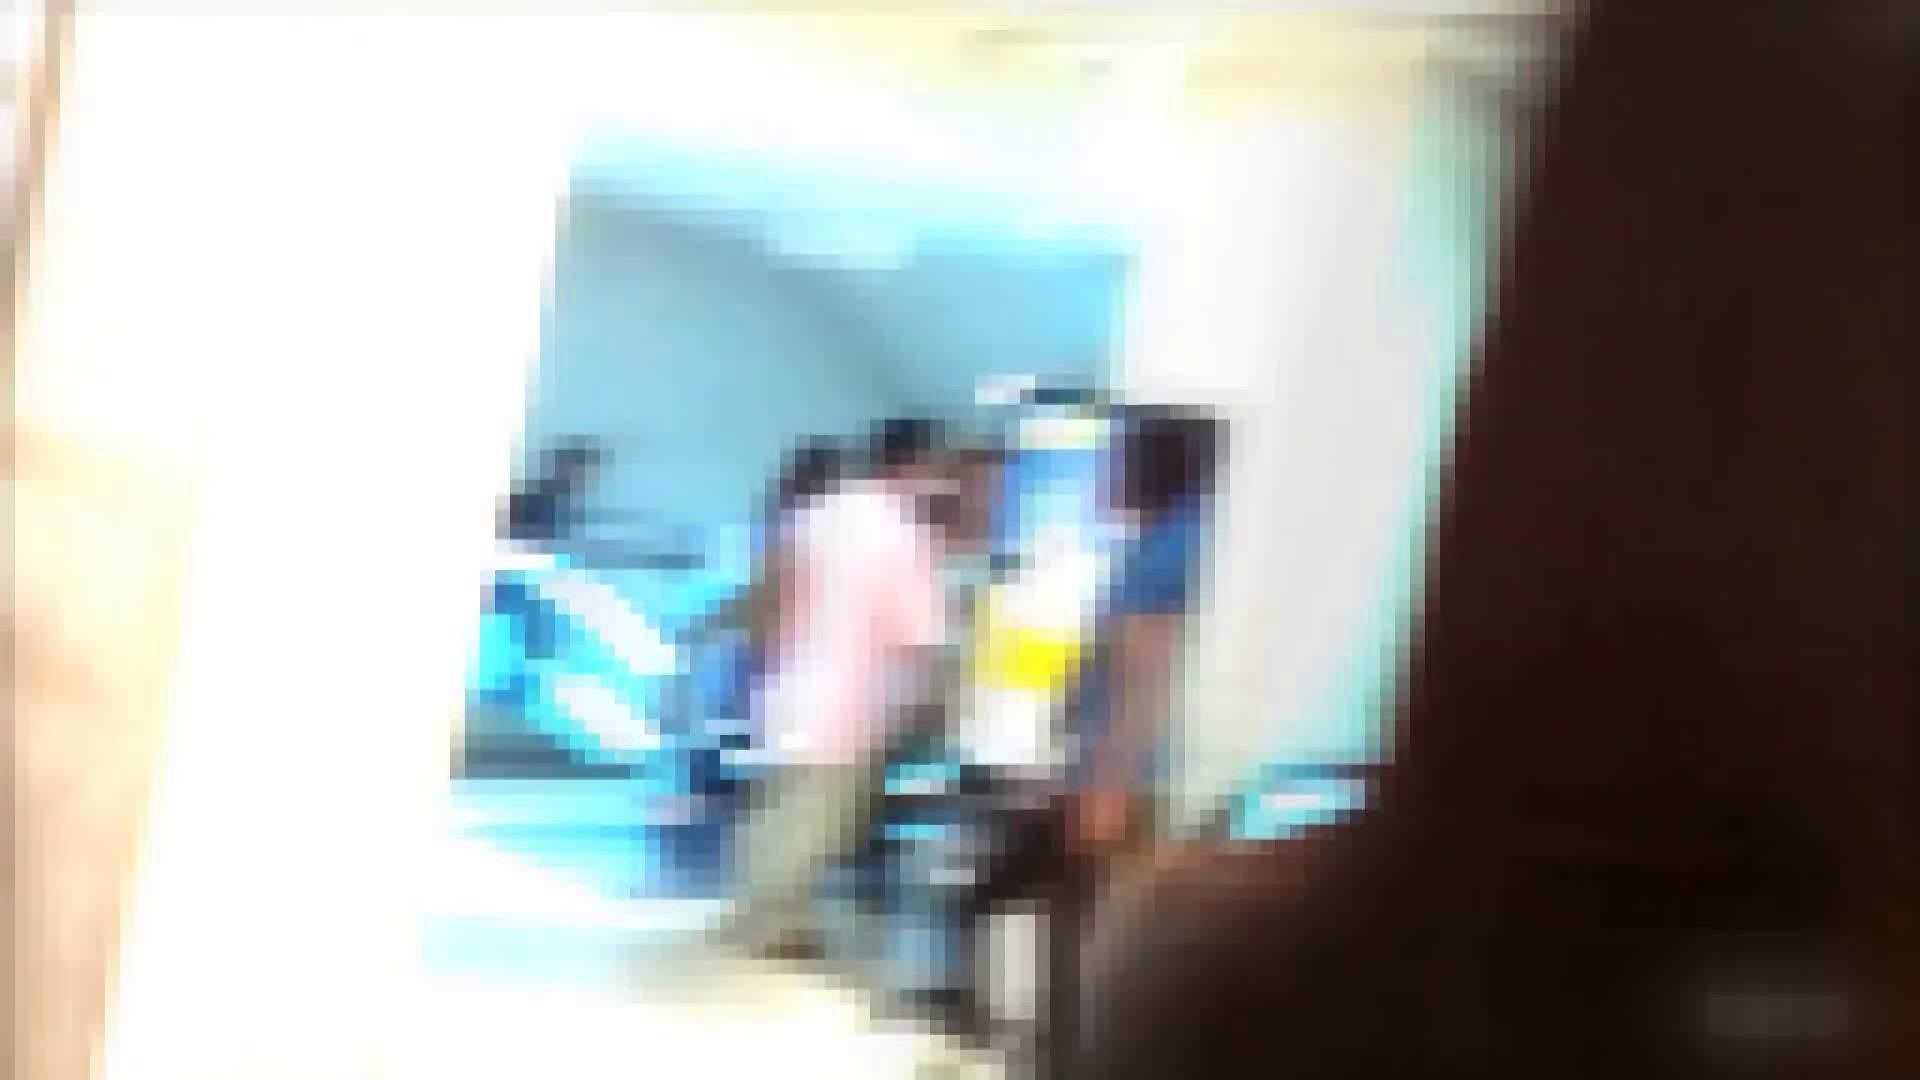 ガールズパンチラストリートビューVol.011 ギャルのエロ動画 | パンチラのぞき  88画像 65